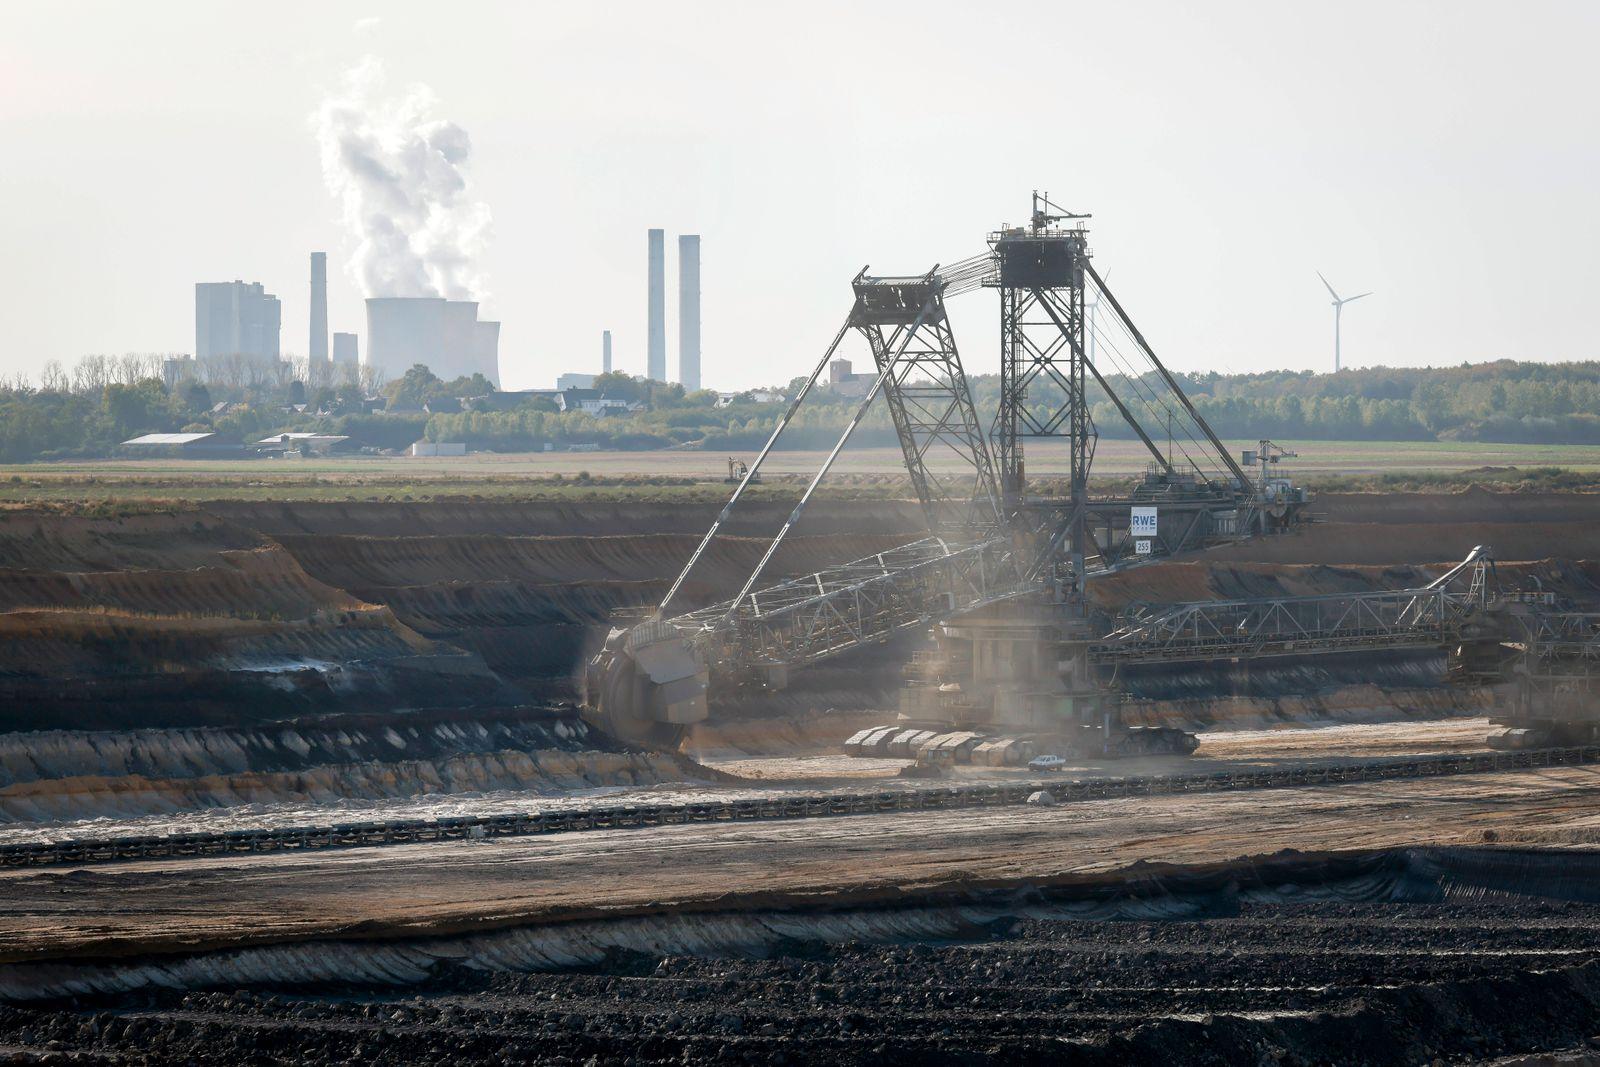 21.09.2020, Inden, Nordrhein-Westfalen, Deutschland - RWE Braunkohle Tagebau Inden, die Foerderung dient ausschliesslich